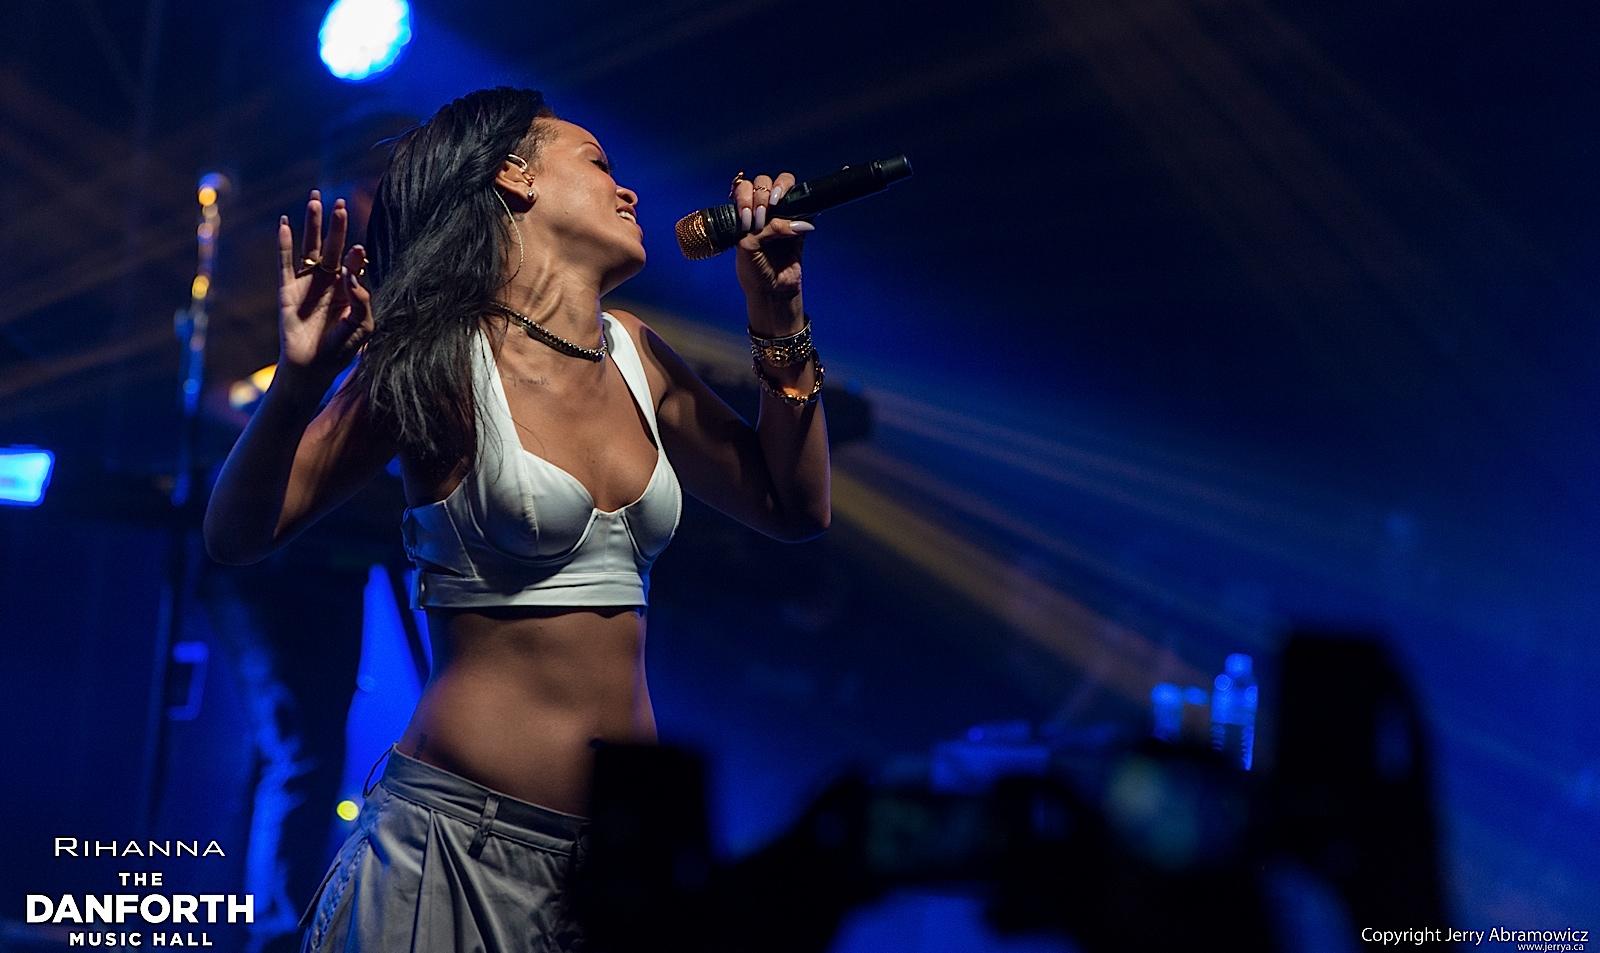 20121115 DMH Rihanna 01587